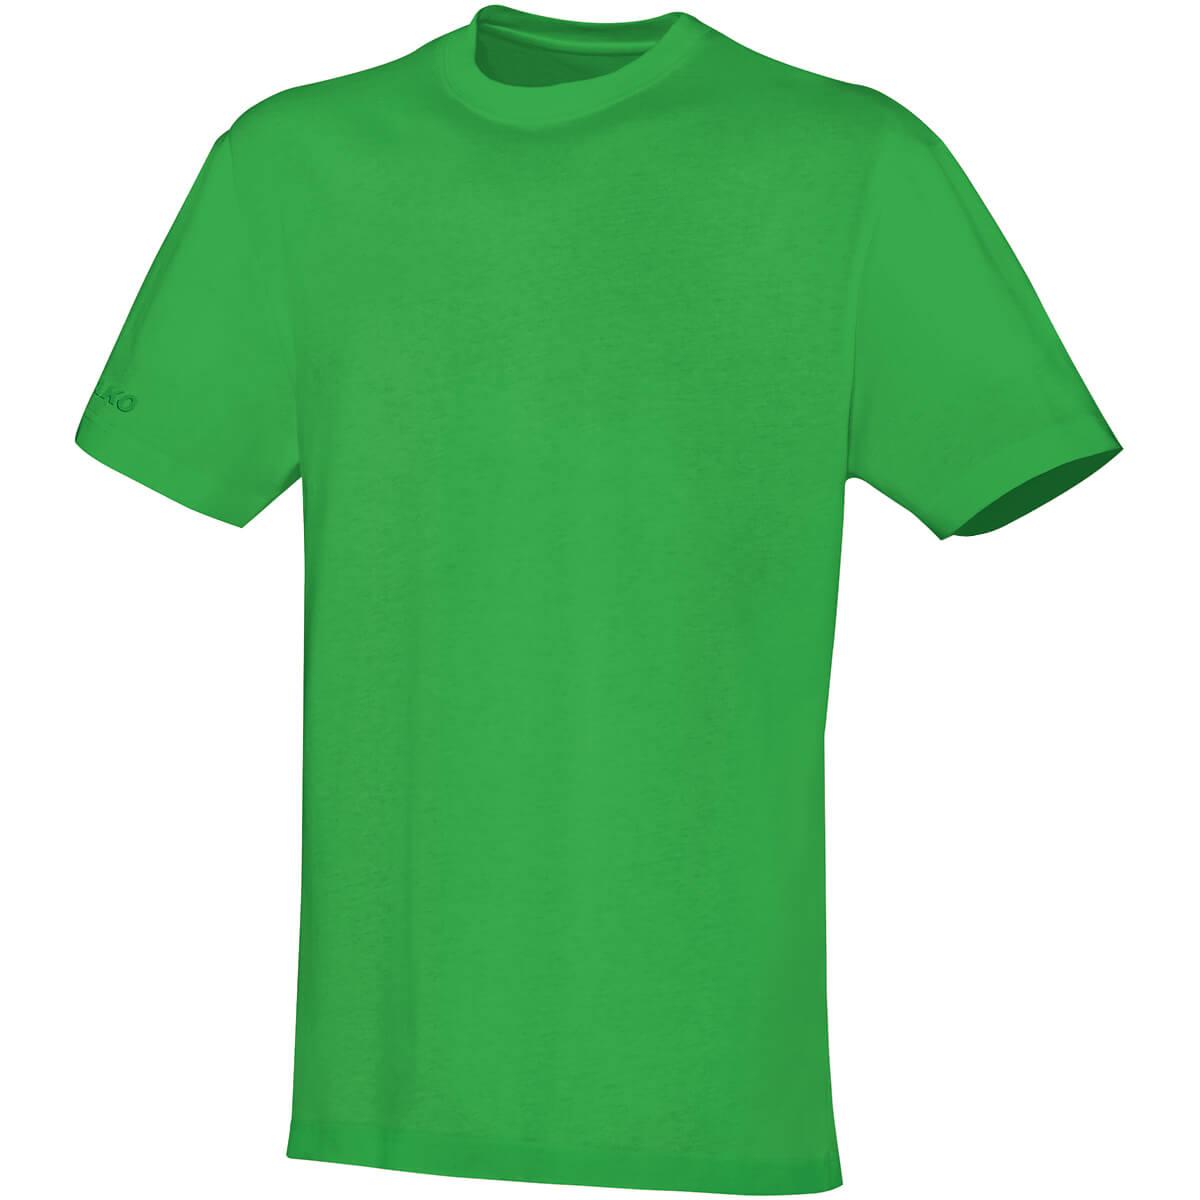 Jako T-Shirt Team Herren 6133  | div. Größen / Farben